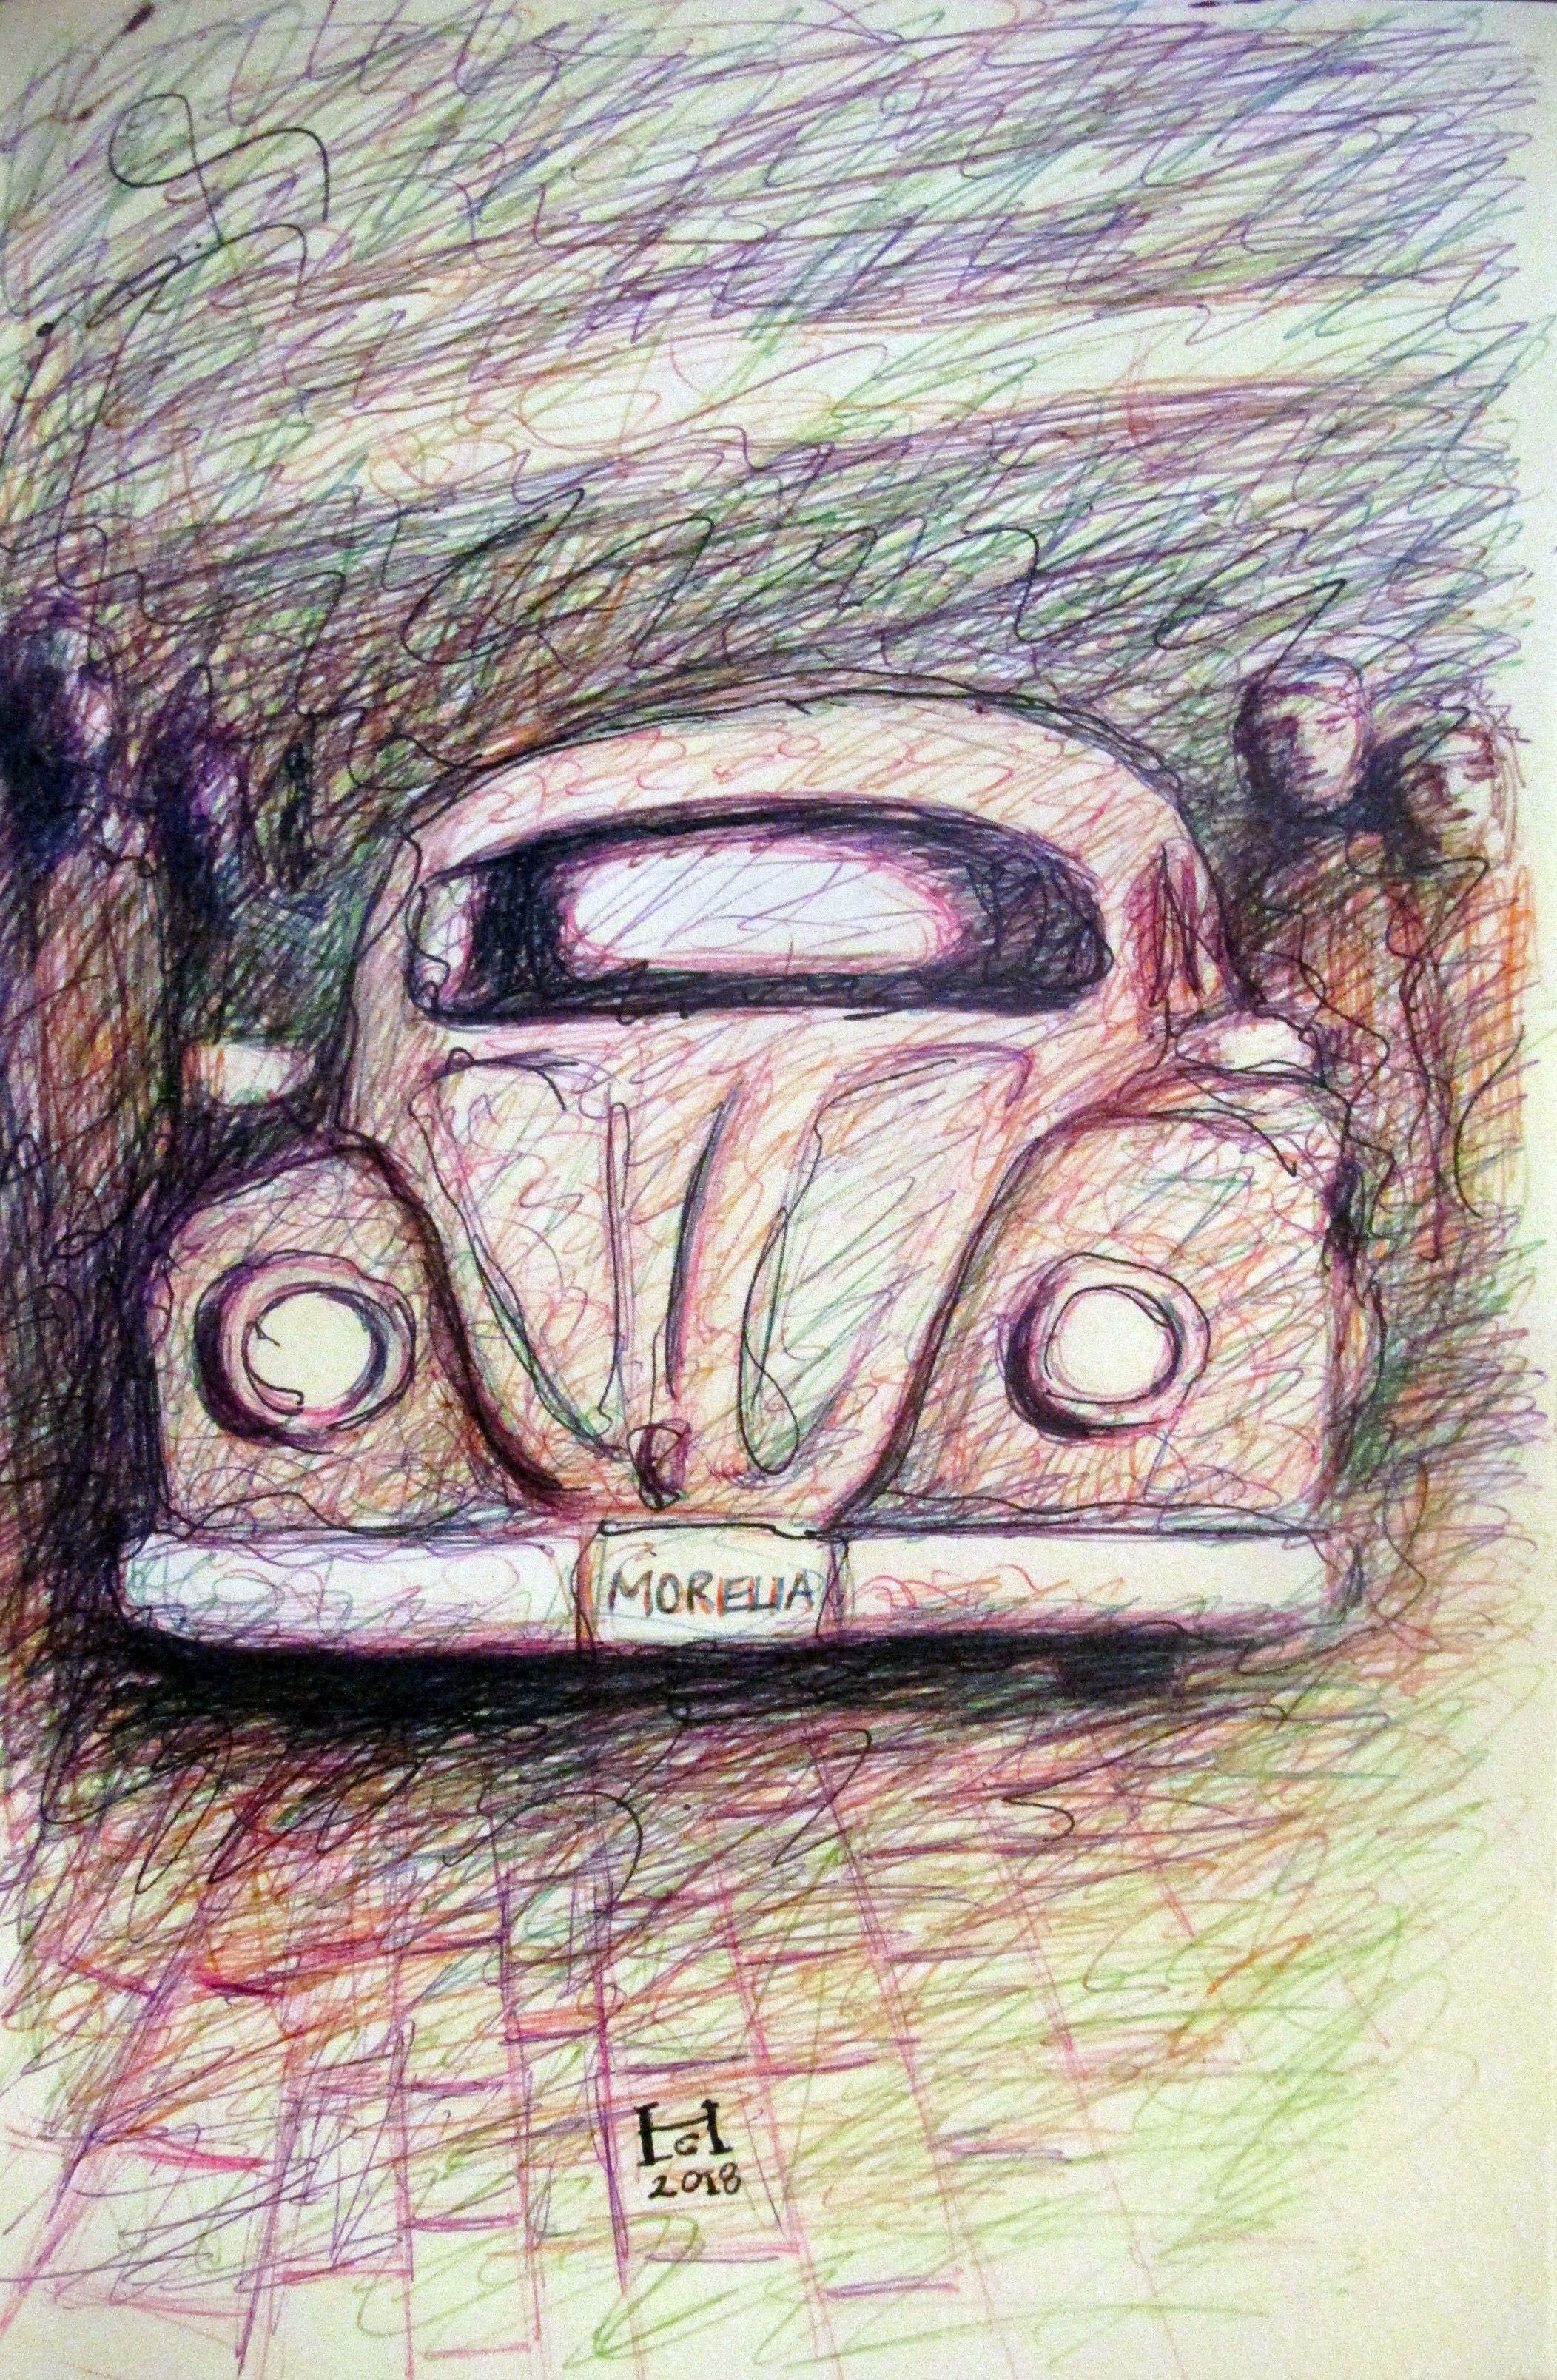 Un Dibujo De Un Bv Clasico Hecho Con Boligrafos De Colores Bv Clasic Car Beetle Boligrafos De Colores Dibujos A Lapicero Pintura Y Dibujo